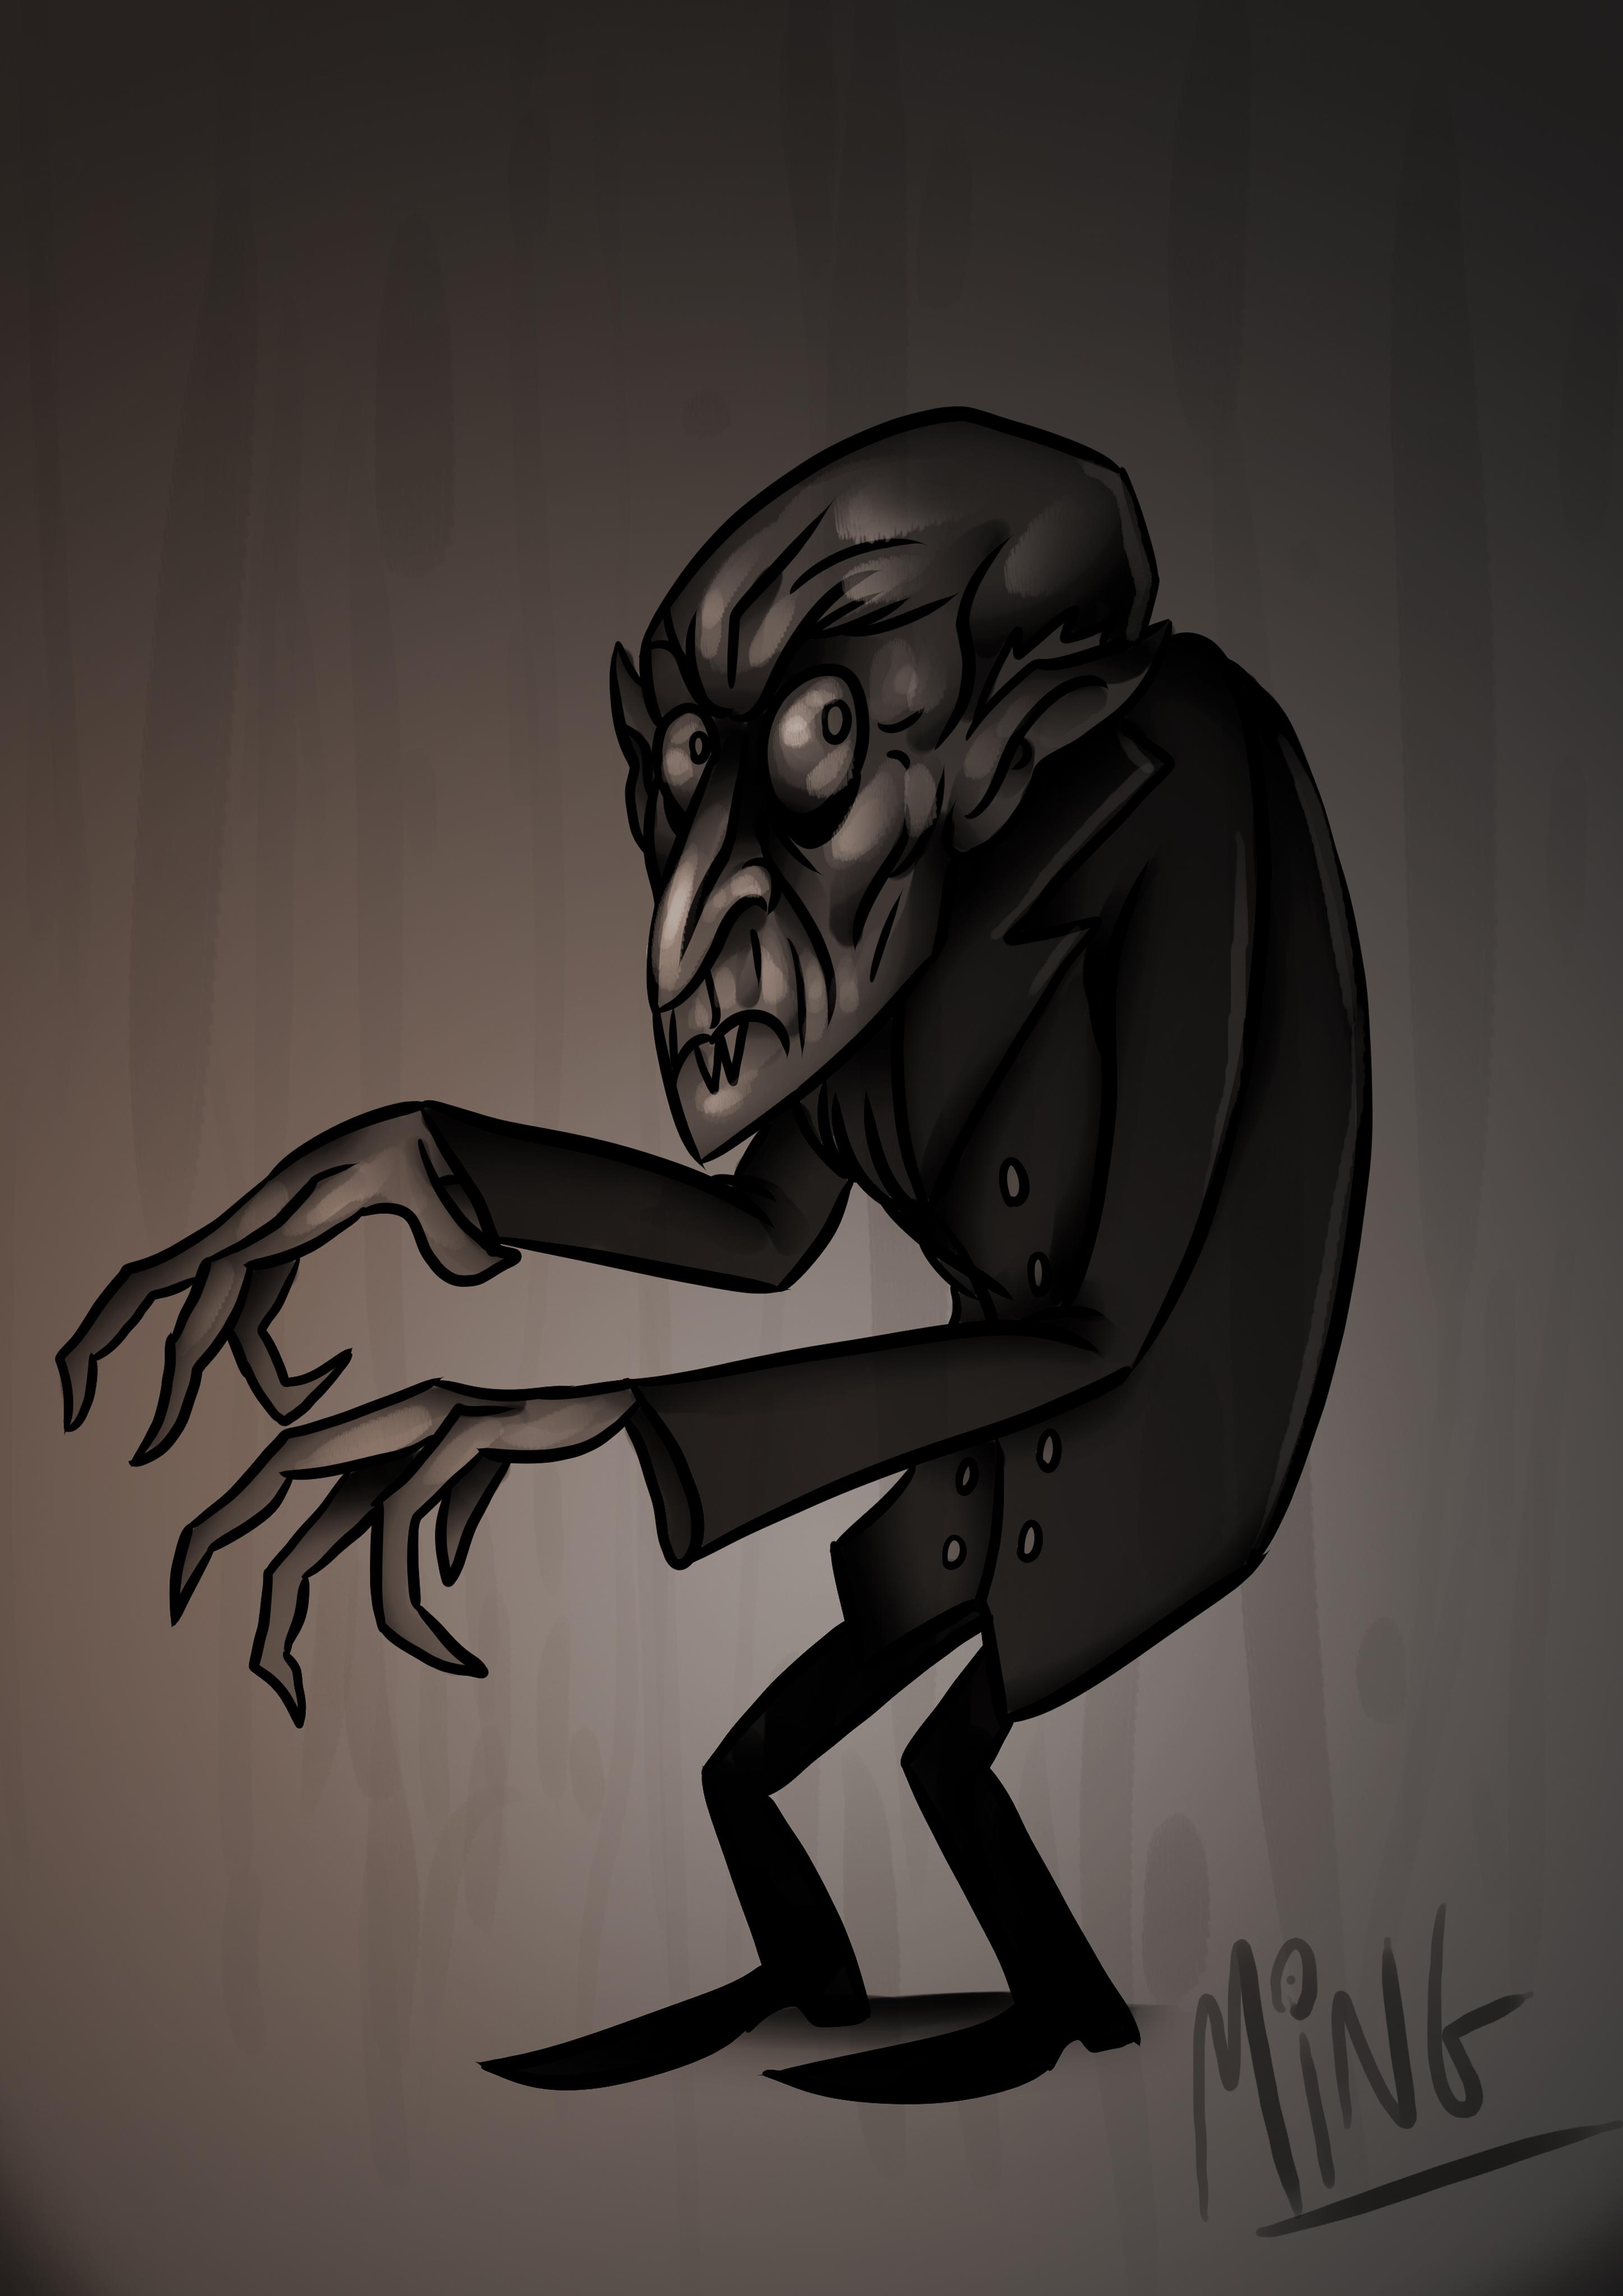 Good ol' Nosferatu